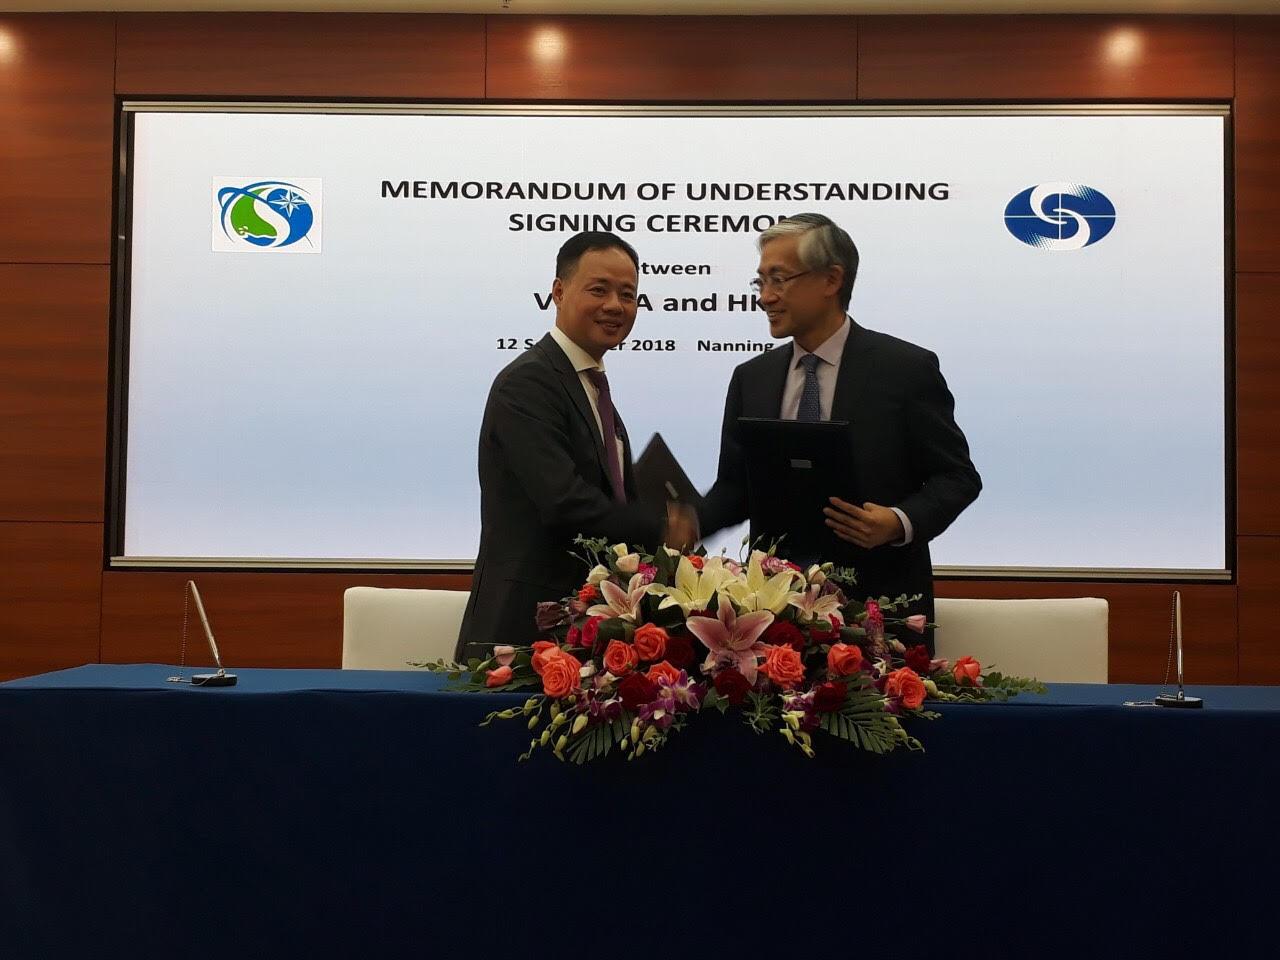 推进越中两国的气象科技合作